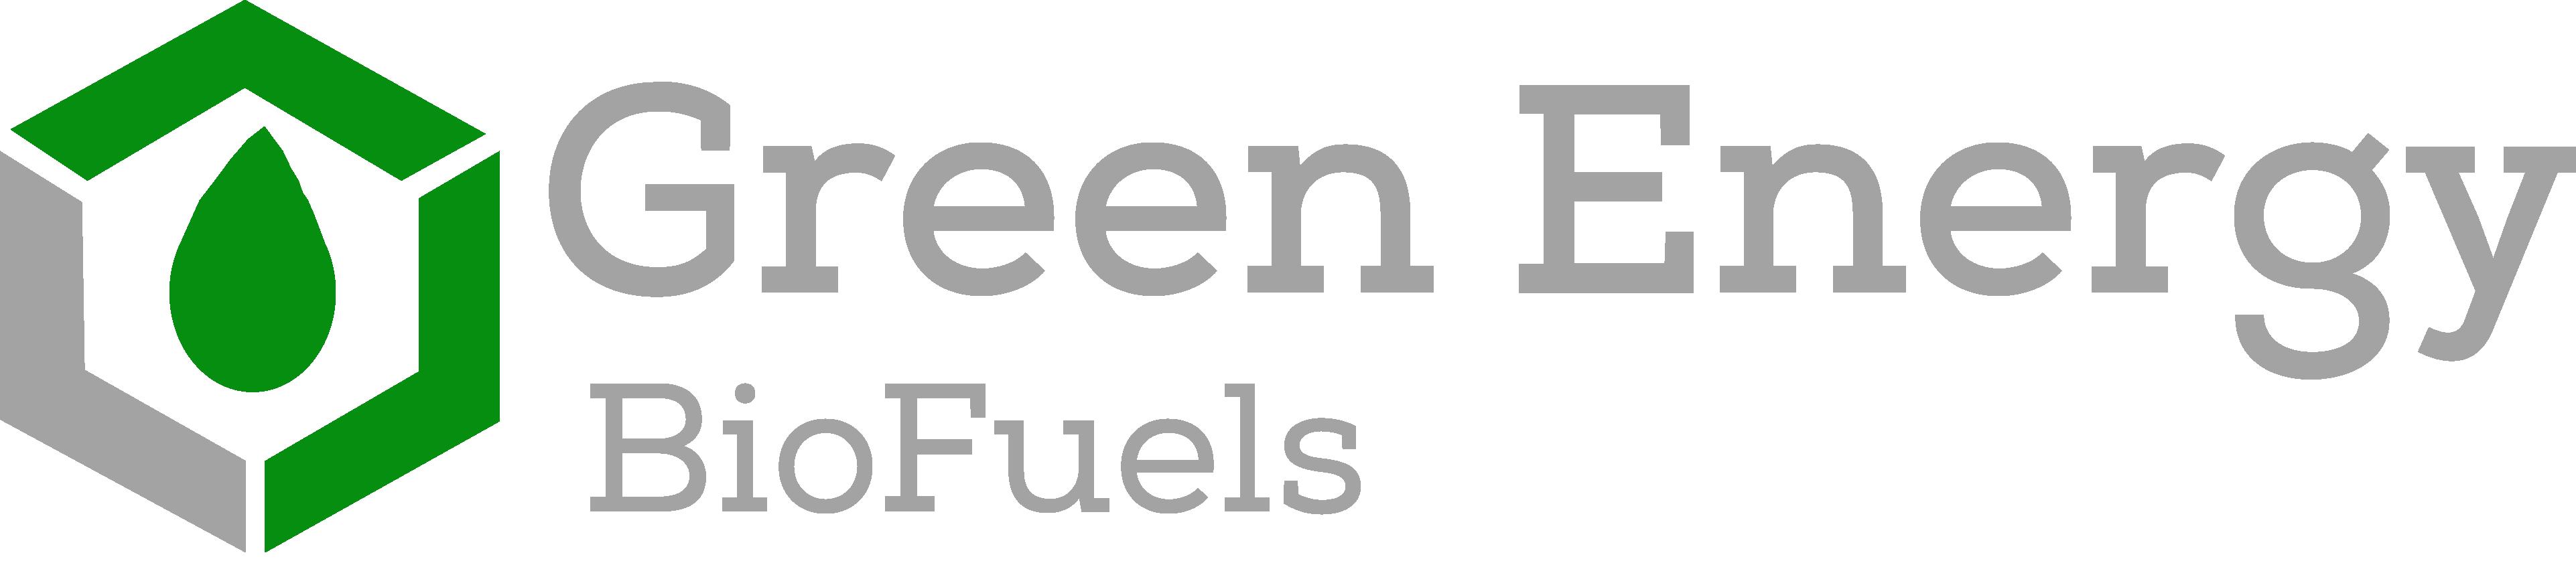 green energy biofuels